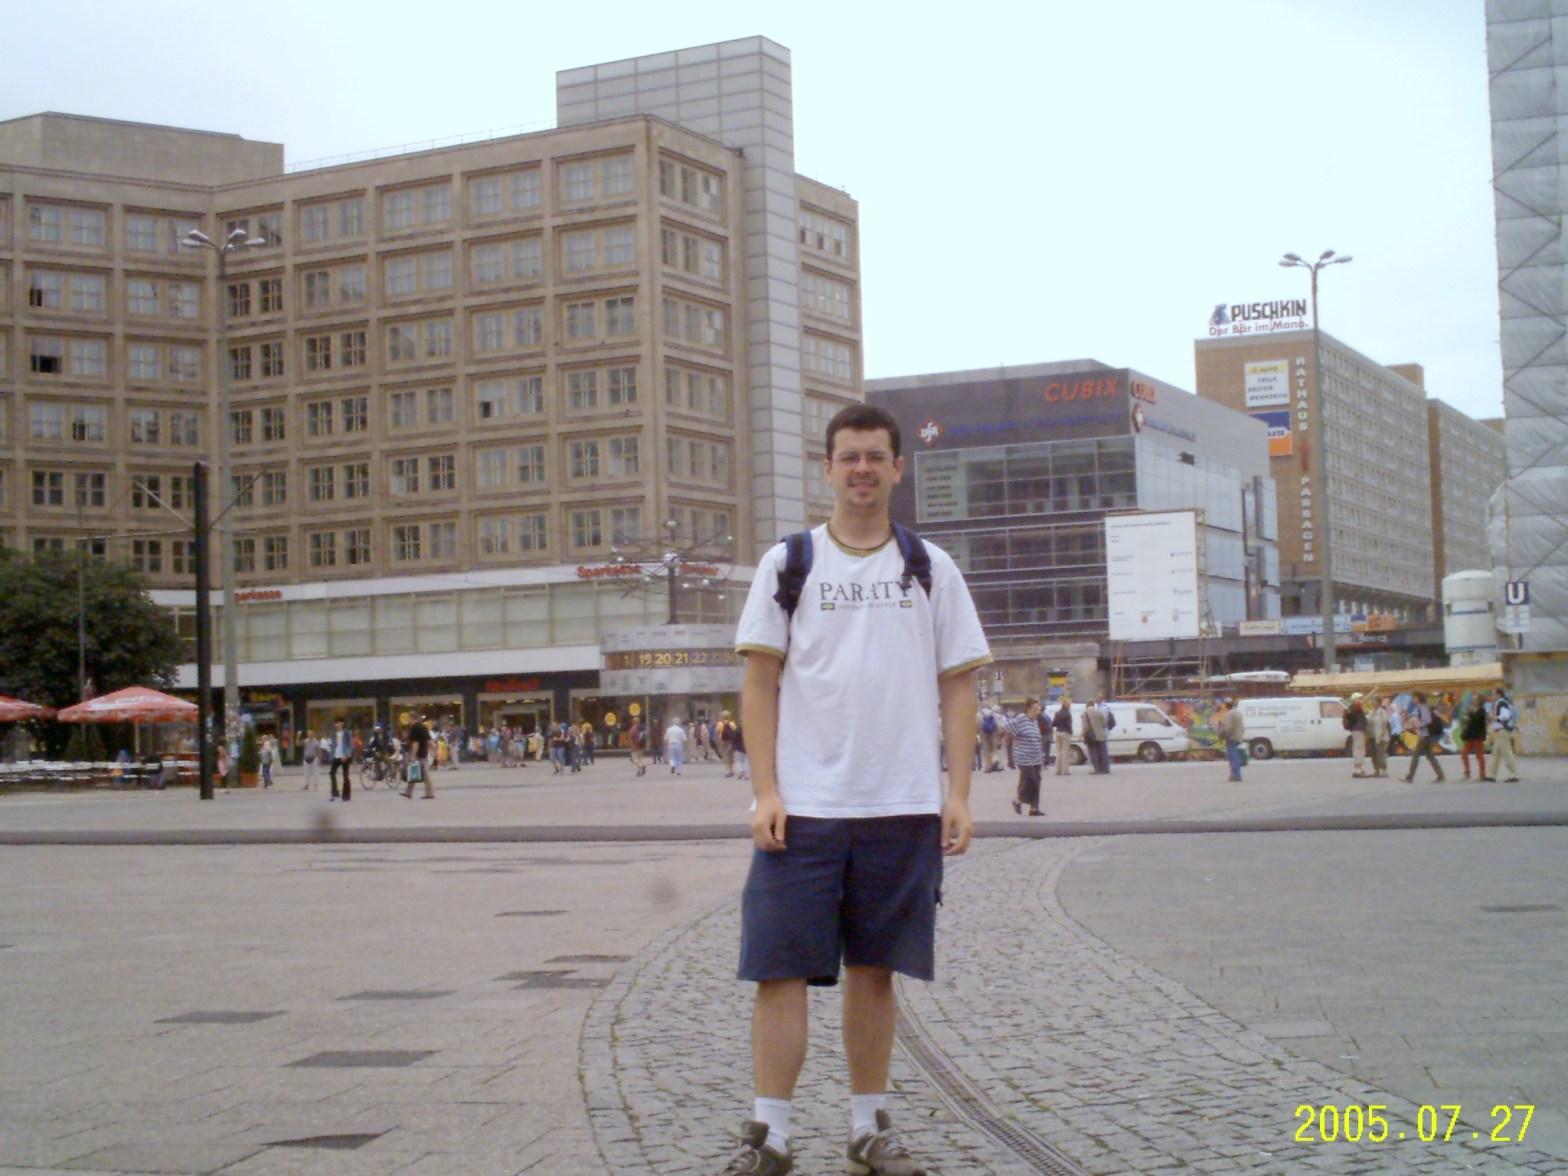 Berlin-Marco-Ryan-2005-30.jpg